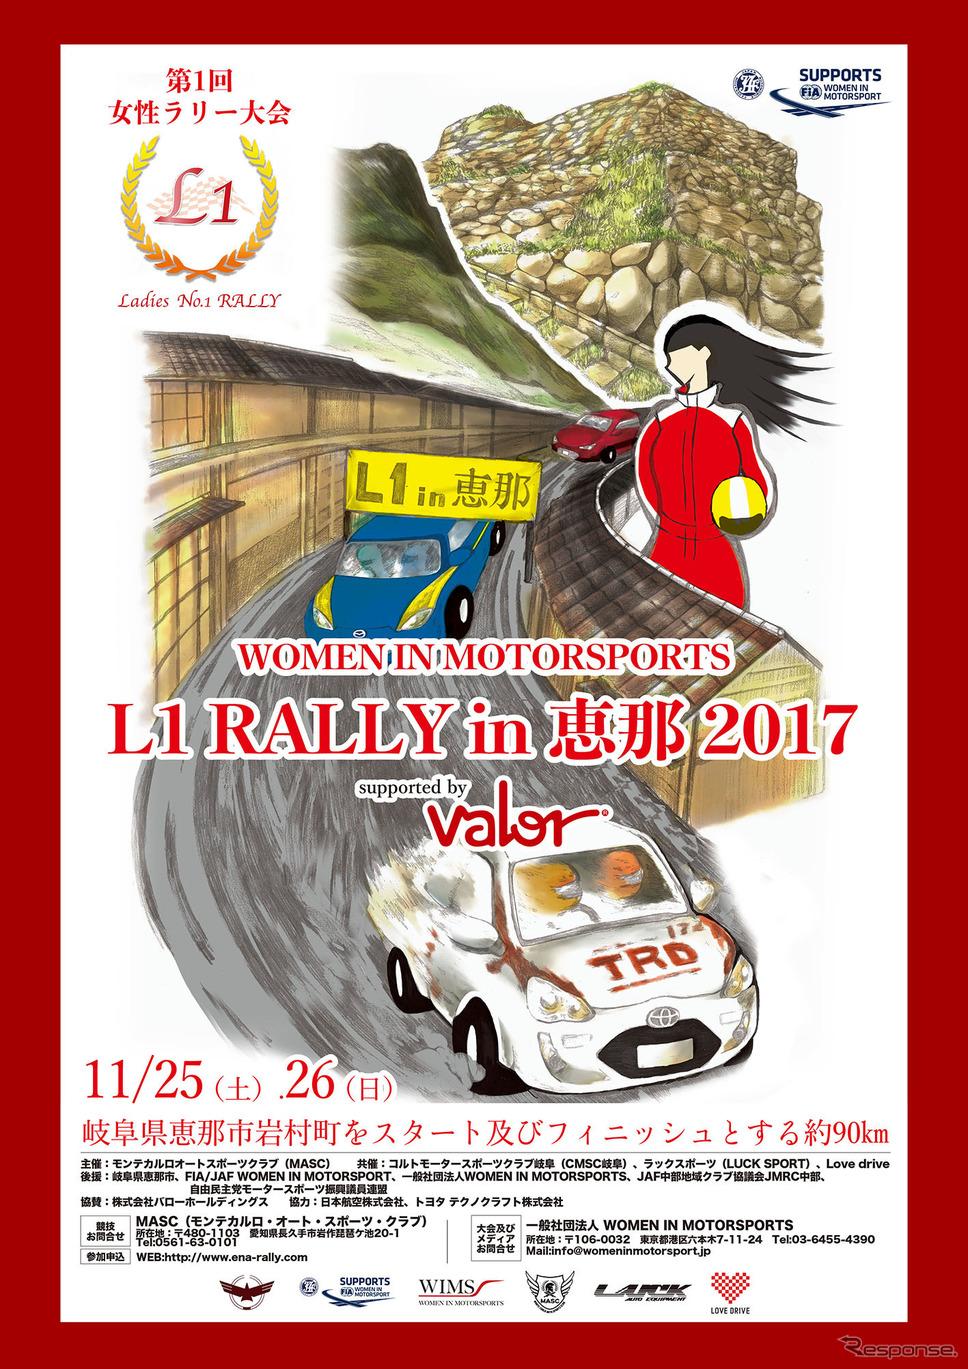 「WOMEN IN MOTORSPORT L1 RALLY in 恵那 2017」